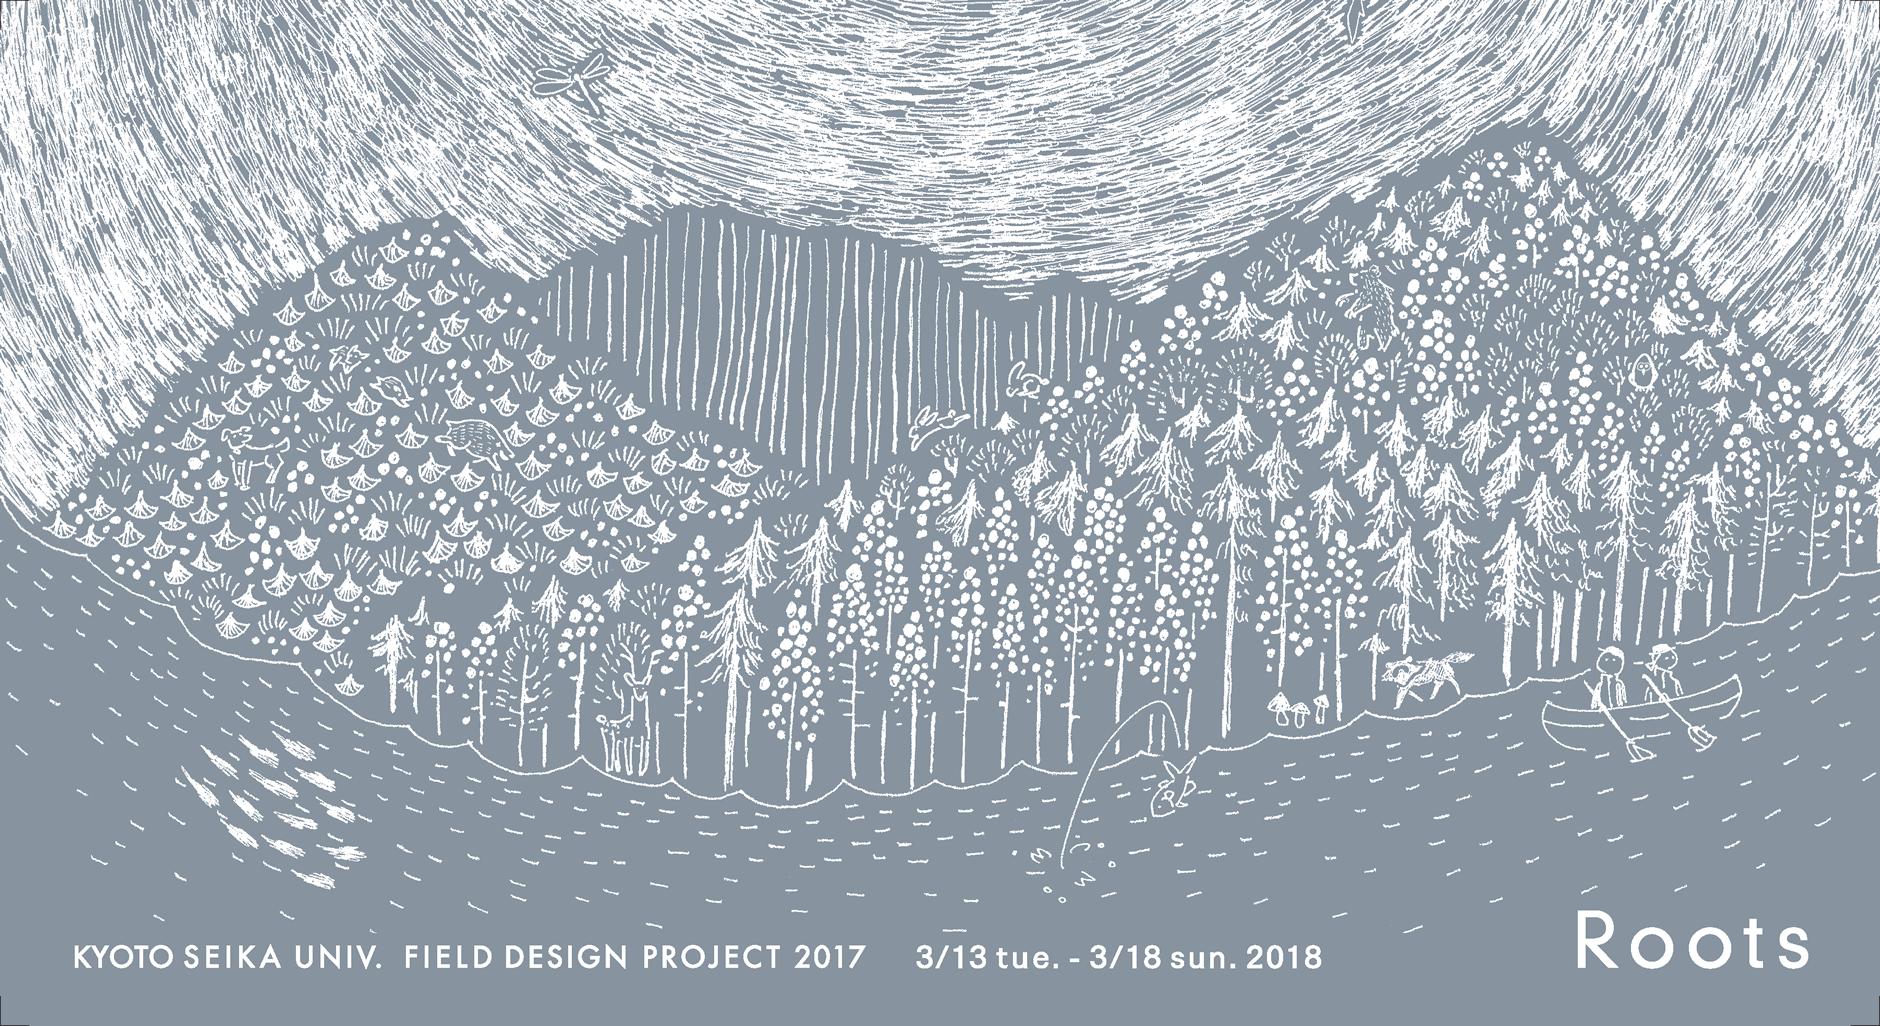 Roots 京都精華大学フィールドデザインプロジェクト2017